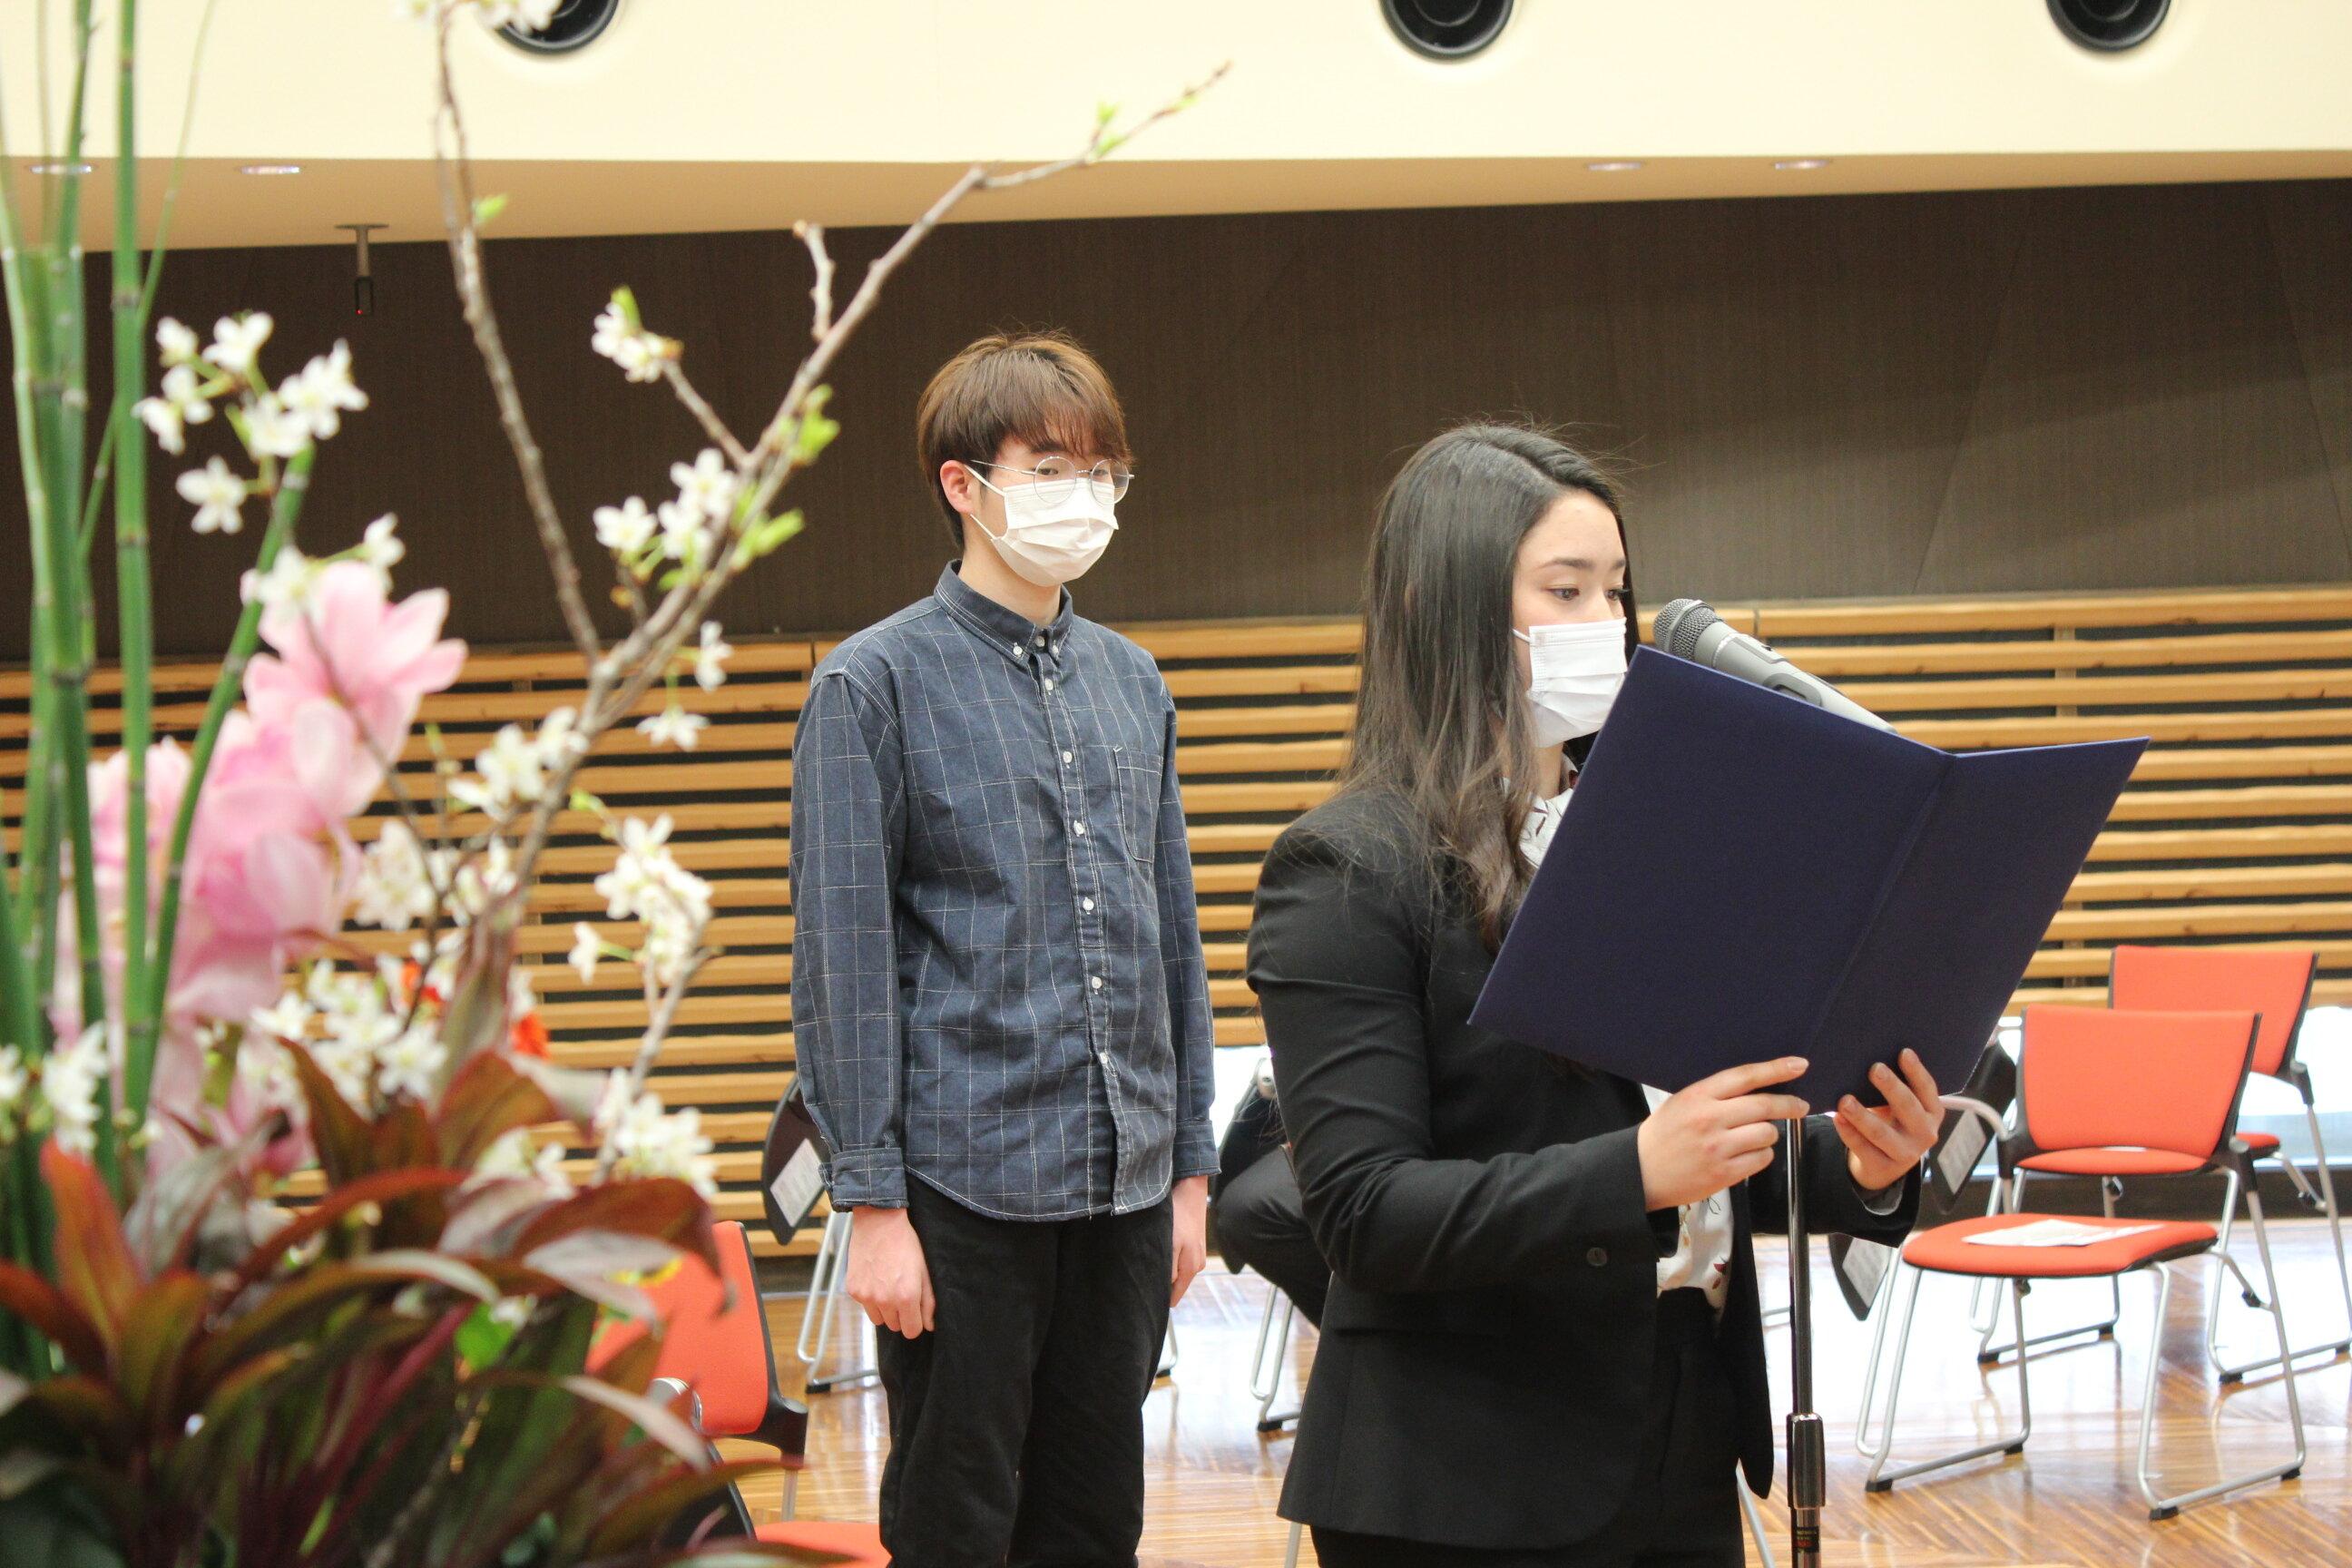 Tổ chức lễ nhập học khóa học đặc biệt dành cho du học sinh Đại học Kansai kì mùa Xuân năm 2021